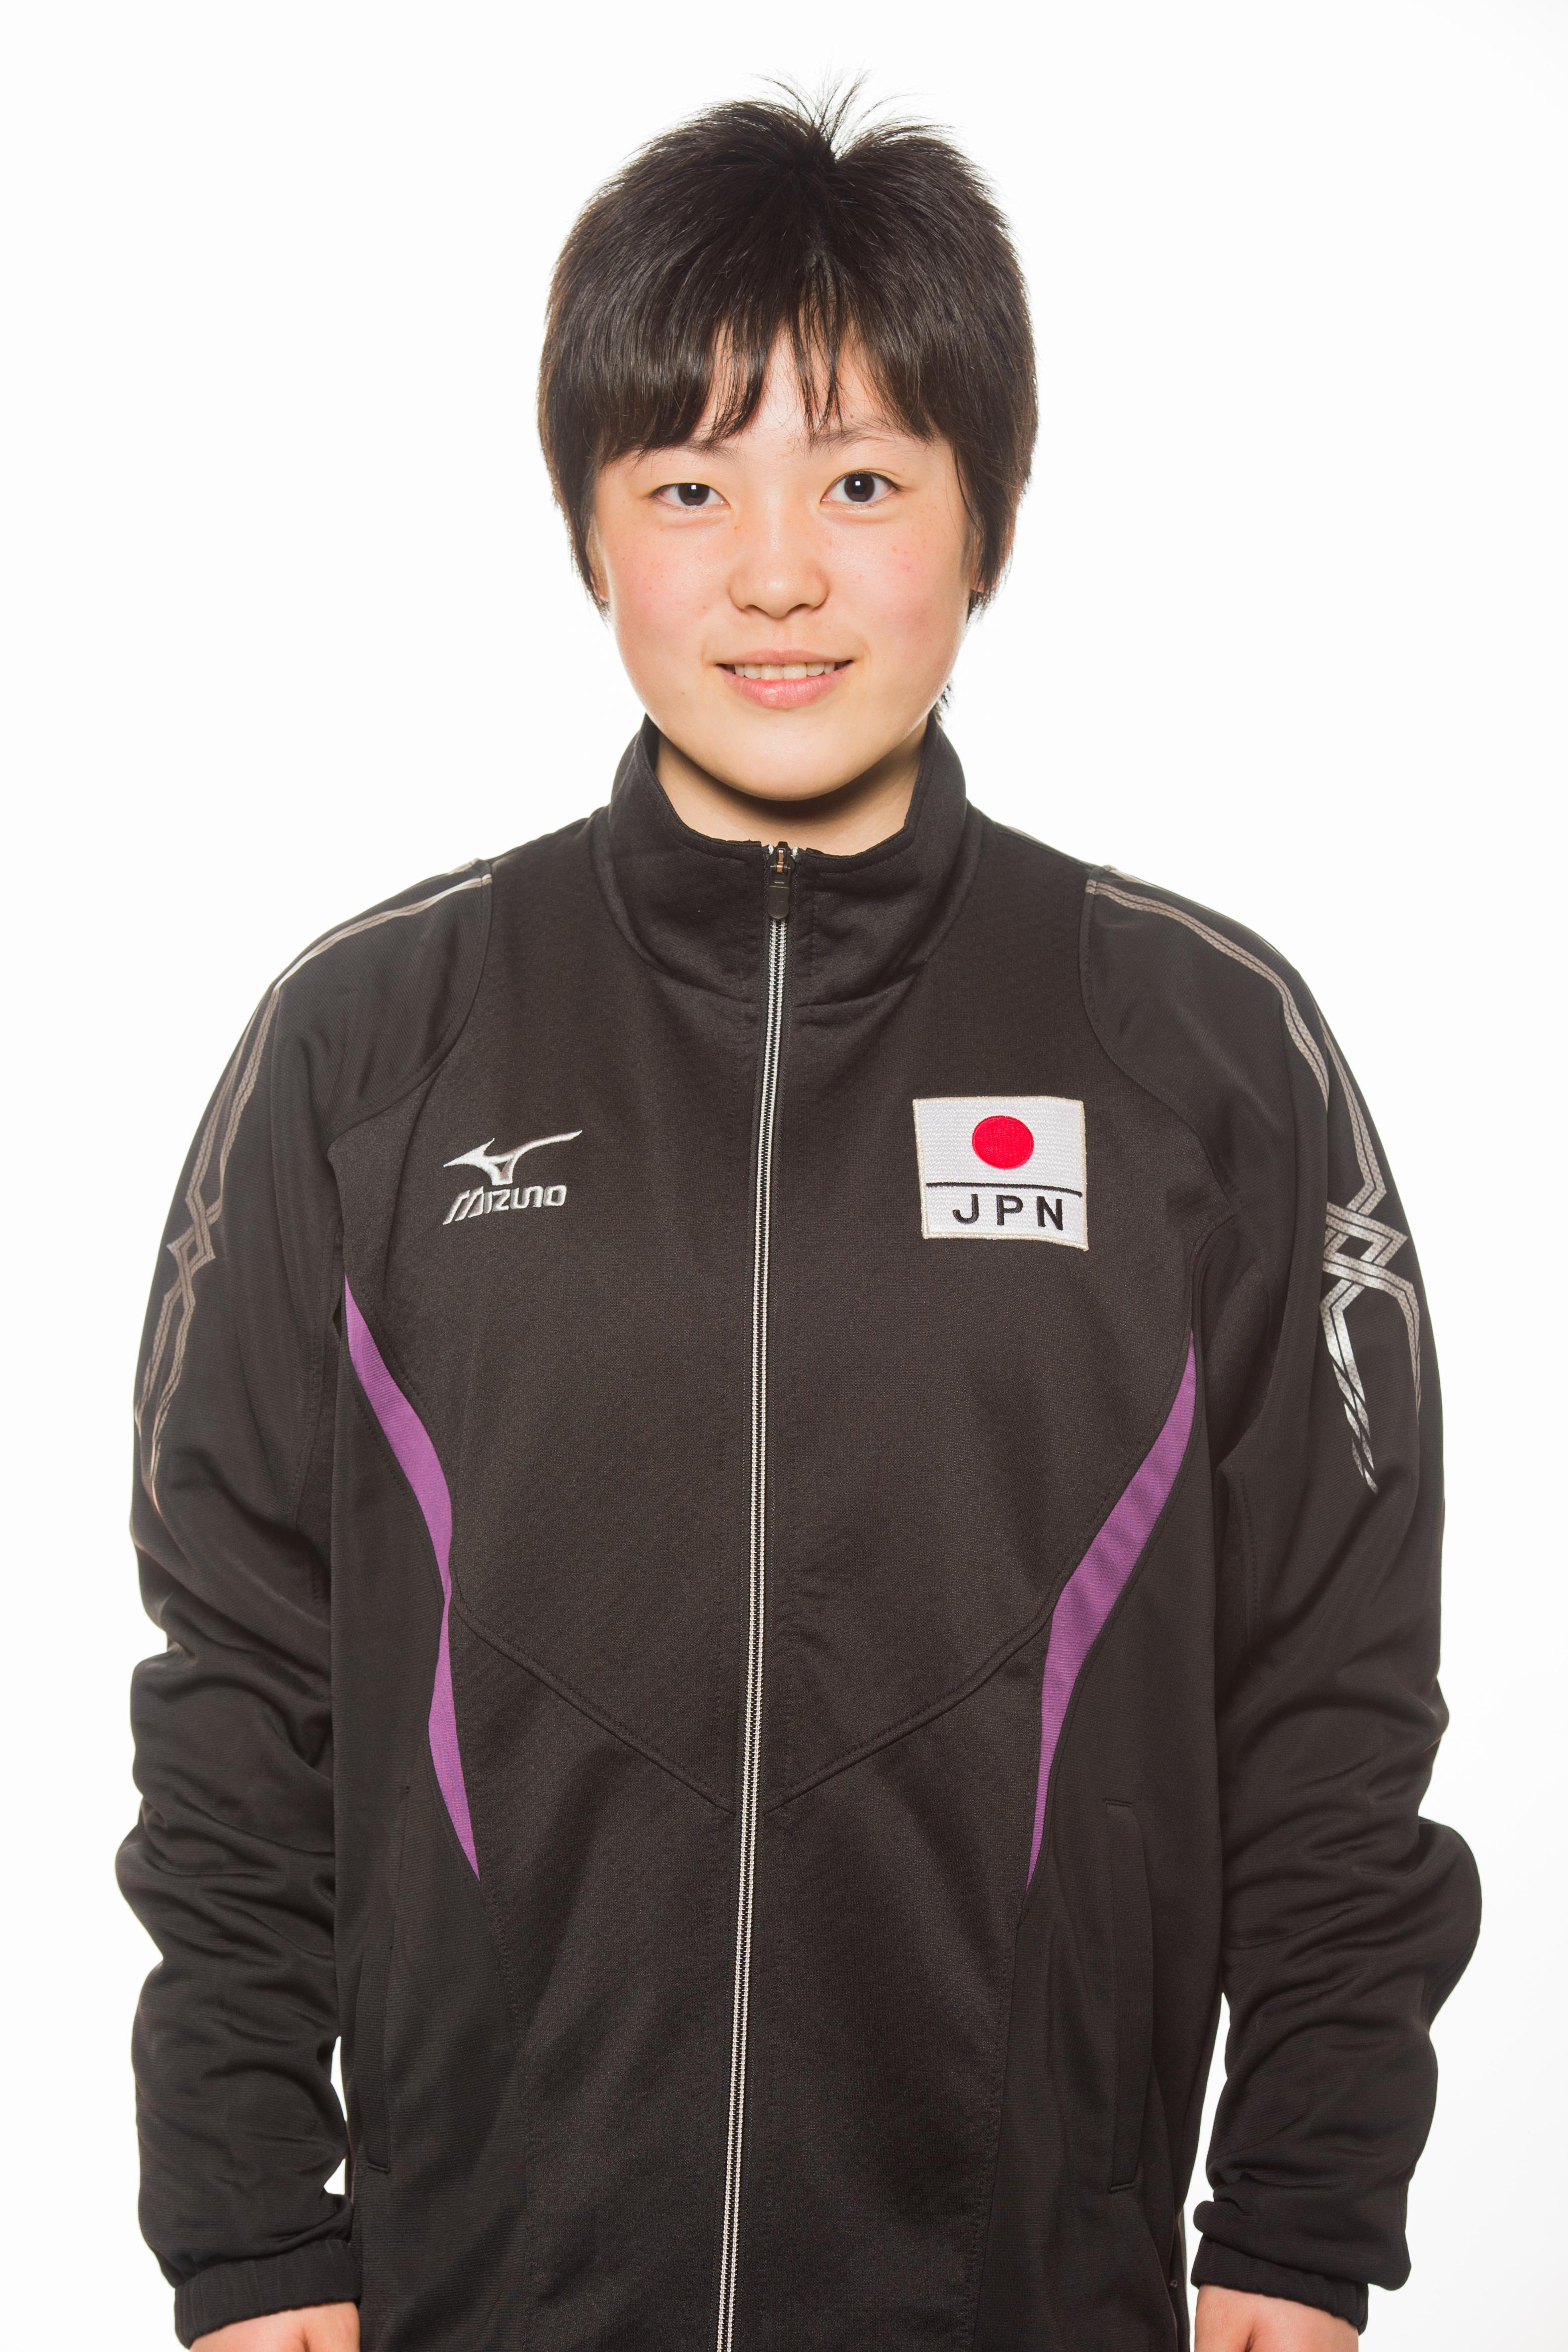 Kanoha Kagamihara